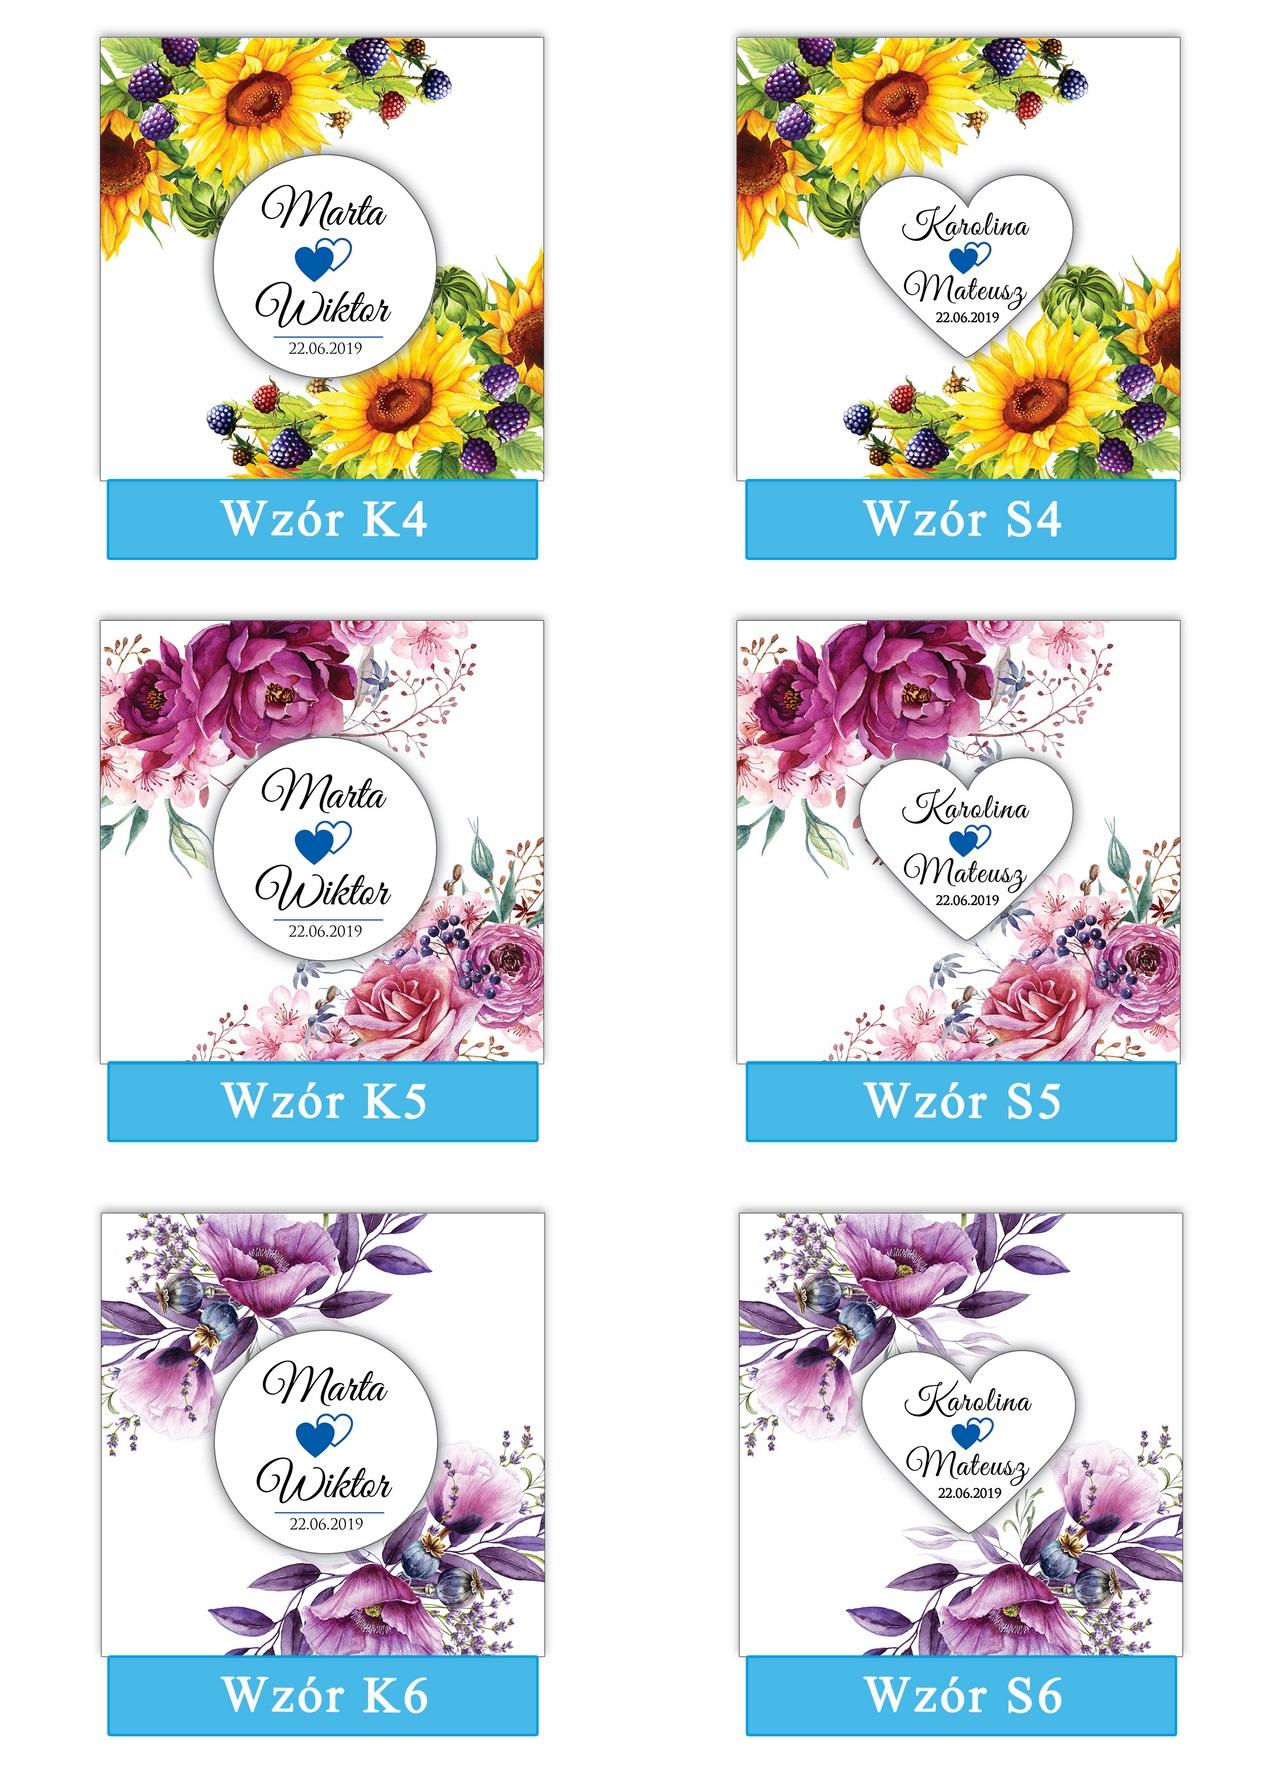 zaproszenia-ślubne-boho-rustykalne-kwiatowe-Nikola-ze-wstążką-kwiaty boho-plansza-wzory 4-6